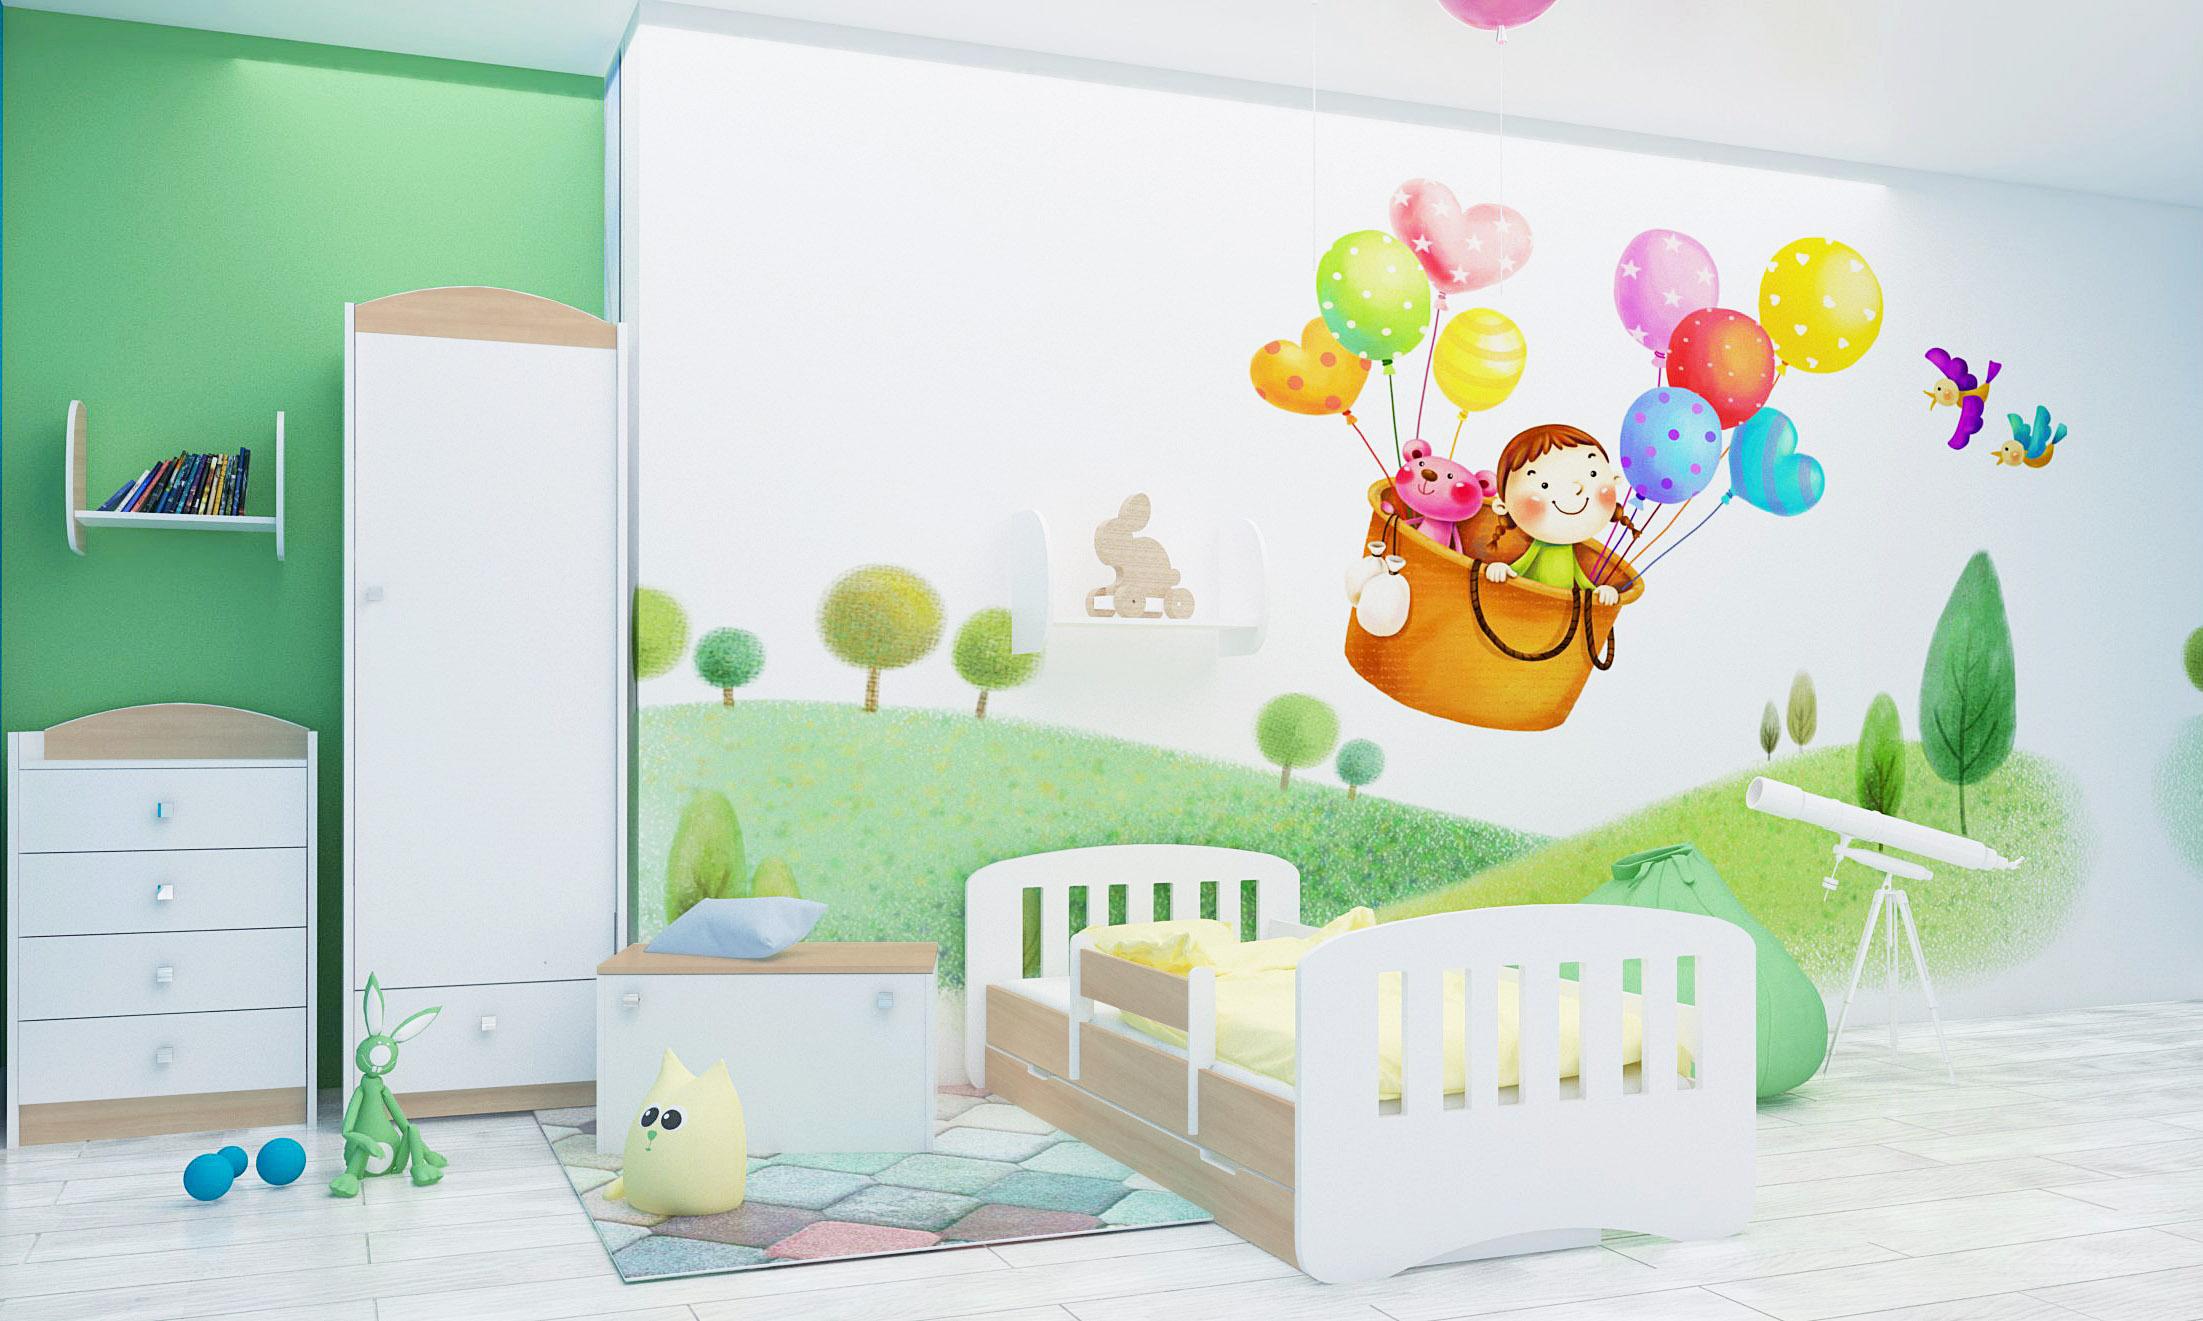 Happy Babies Detská posteľ Happy dizajn/čiarky Farba: Hruška / Biela, Prevedenie: L04 / 80 x 160 cm /S úložným priestorom, Obrázok: Čiarky